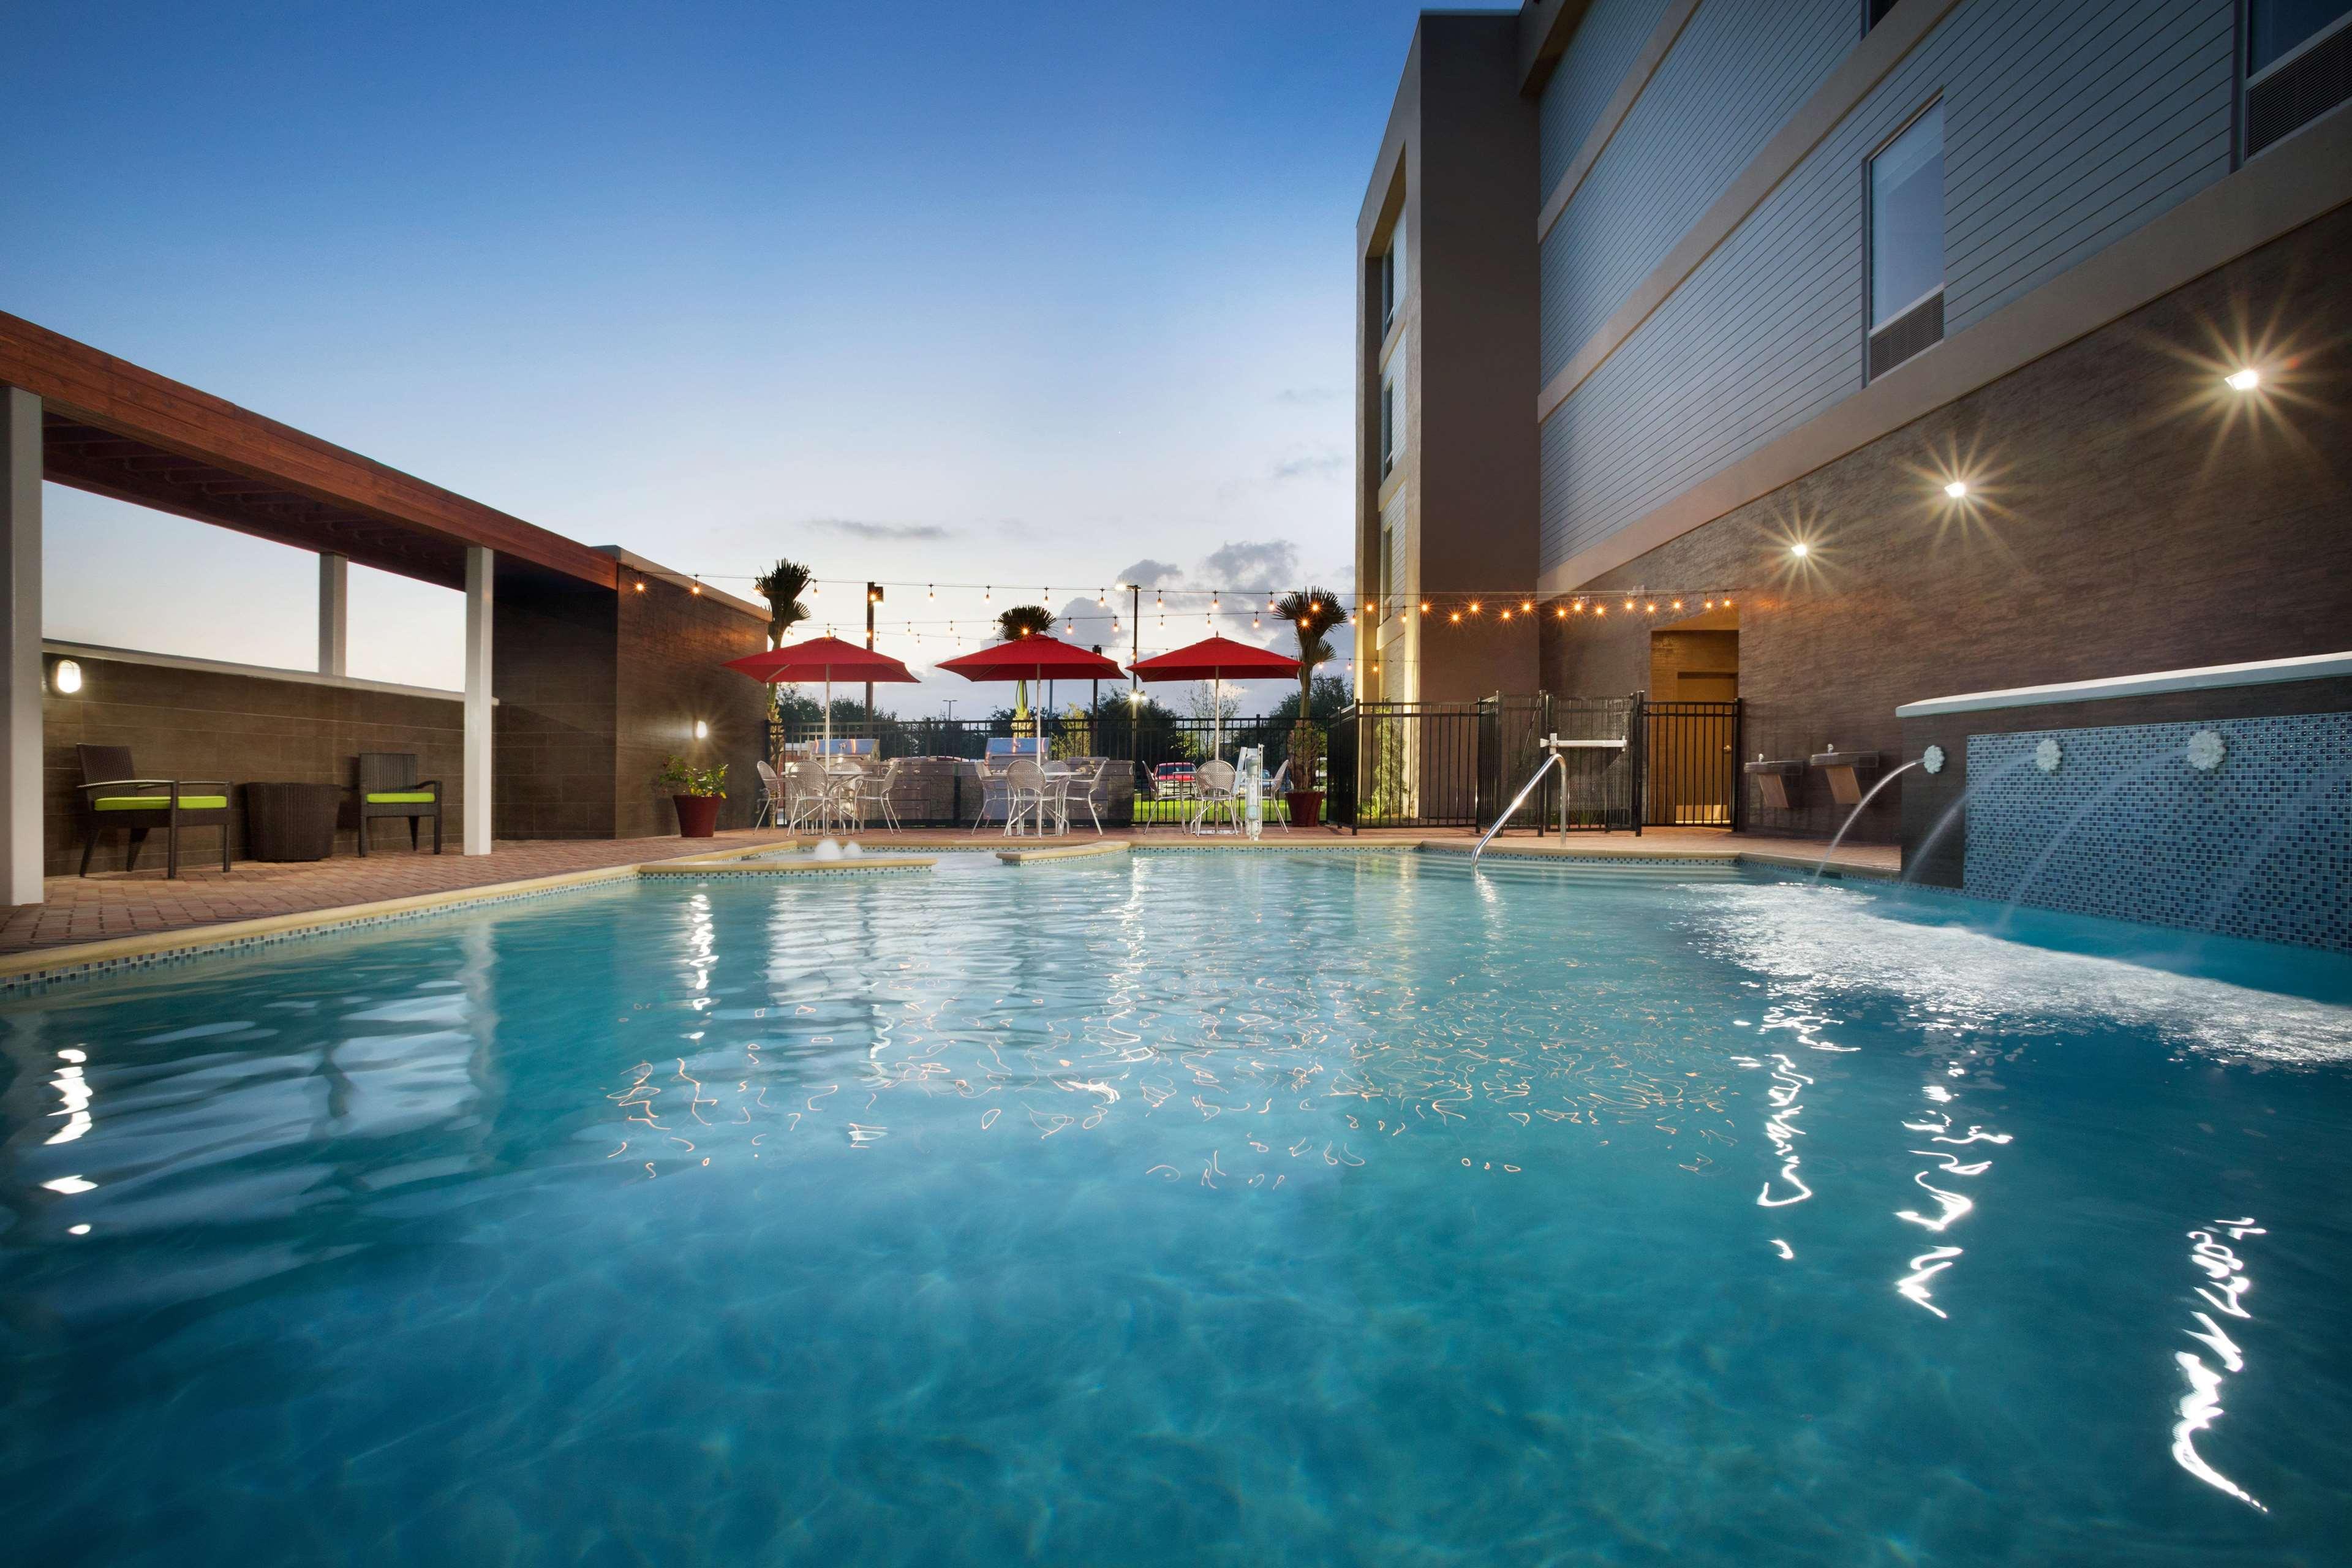 Home2 Suites by Hilton McAllen image 8